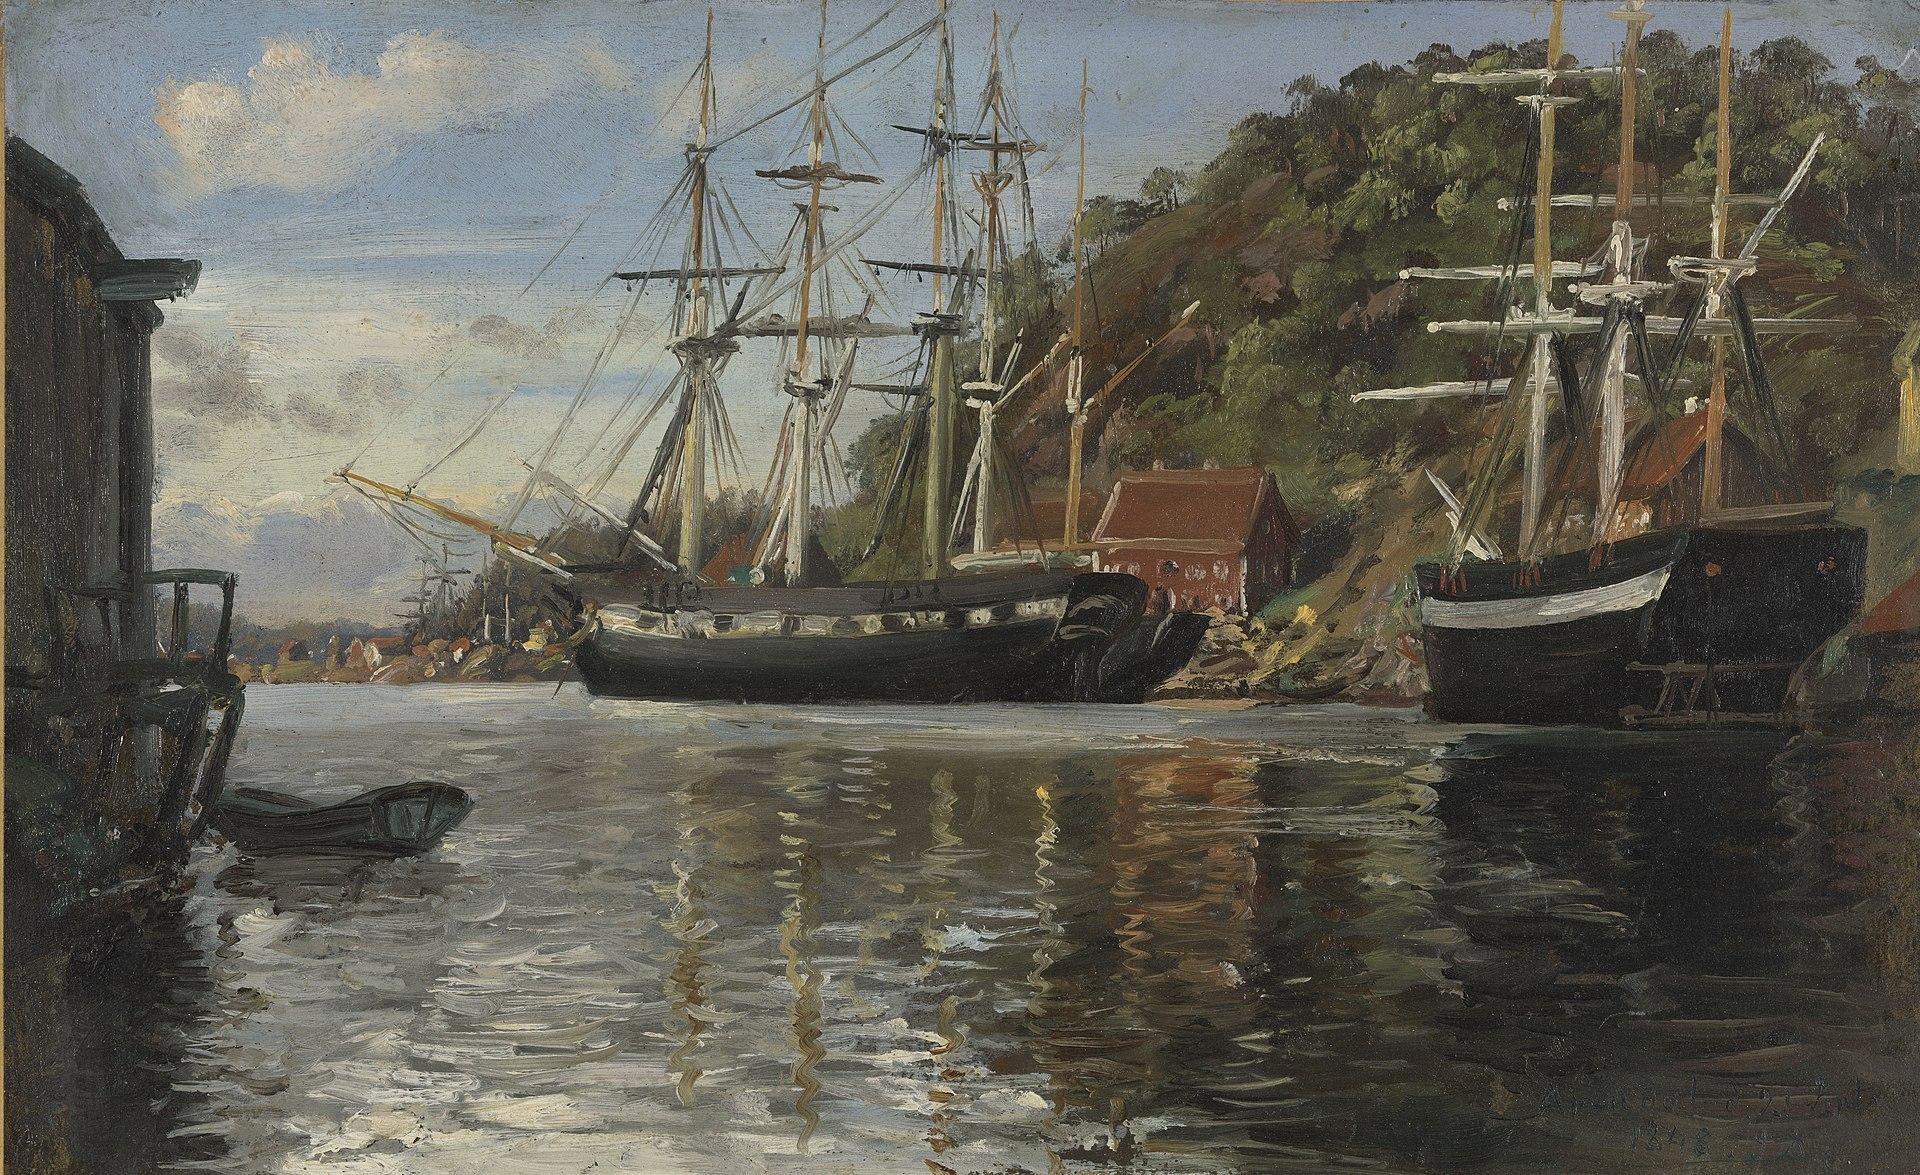 Зигвальд Даль - Из гавани в Арендале - NG.M.01202 - Национальный музей искусства, архитектуры и дизайна.jpg